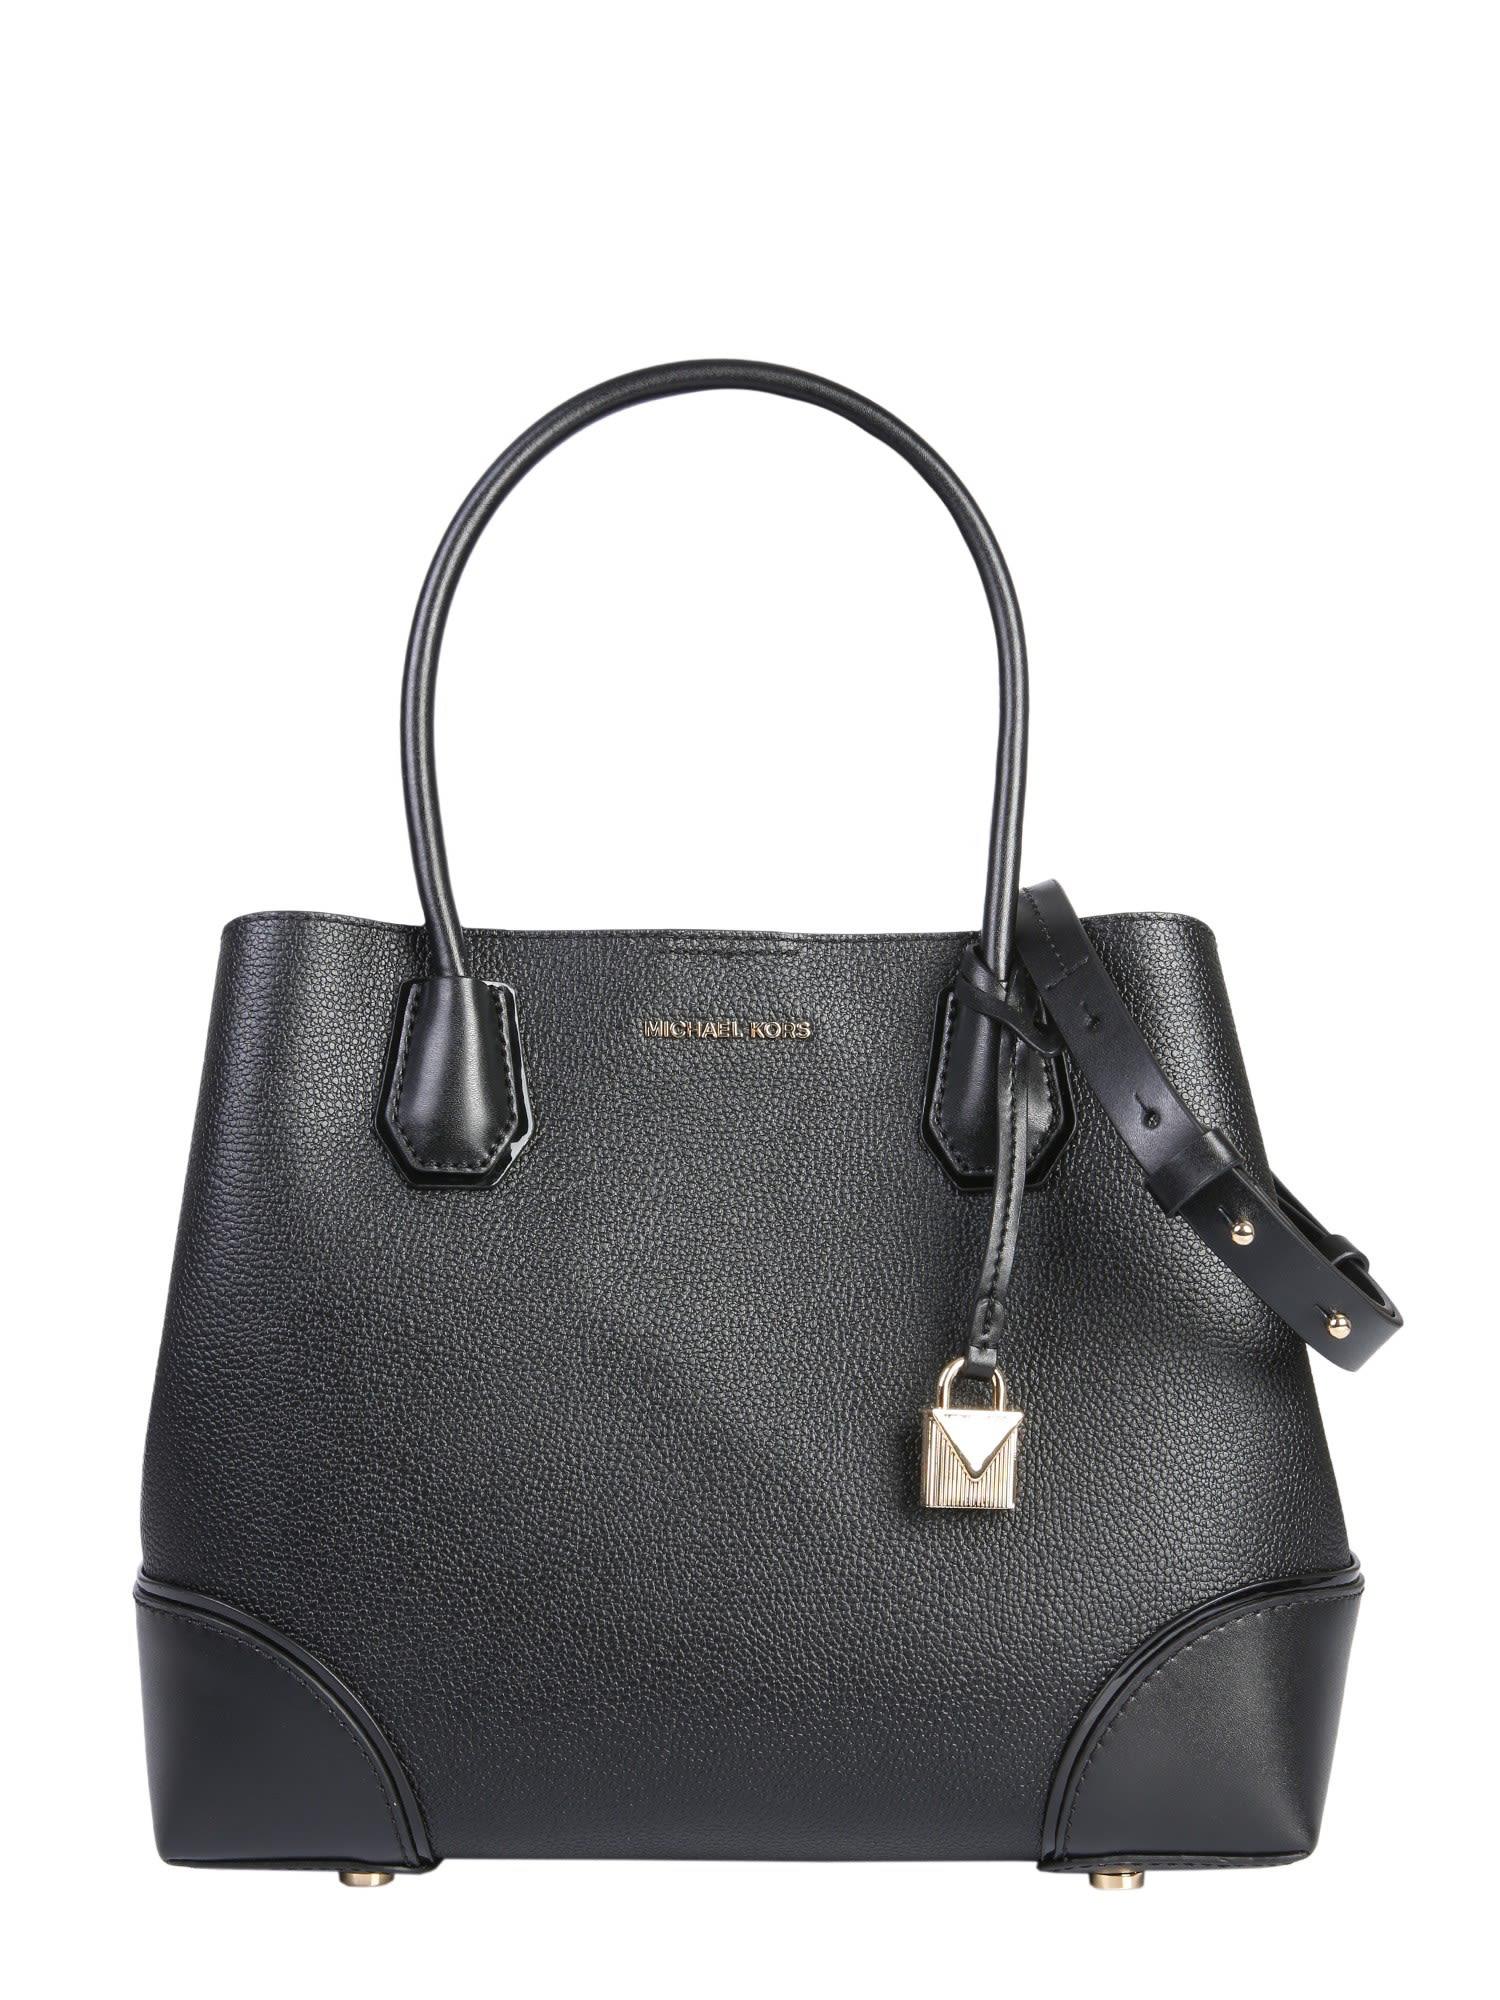 1698d4f740da3 Michael Michael Kors Mercer Gallery Large Pebbled Snap Tote Bag In 001 Black